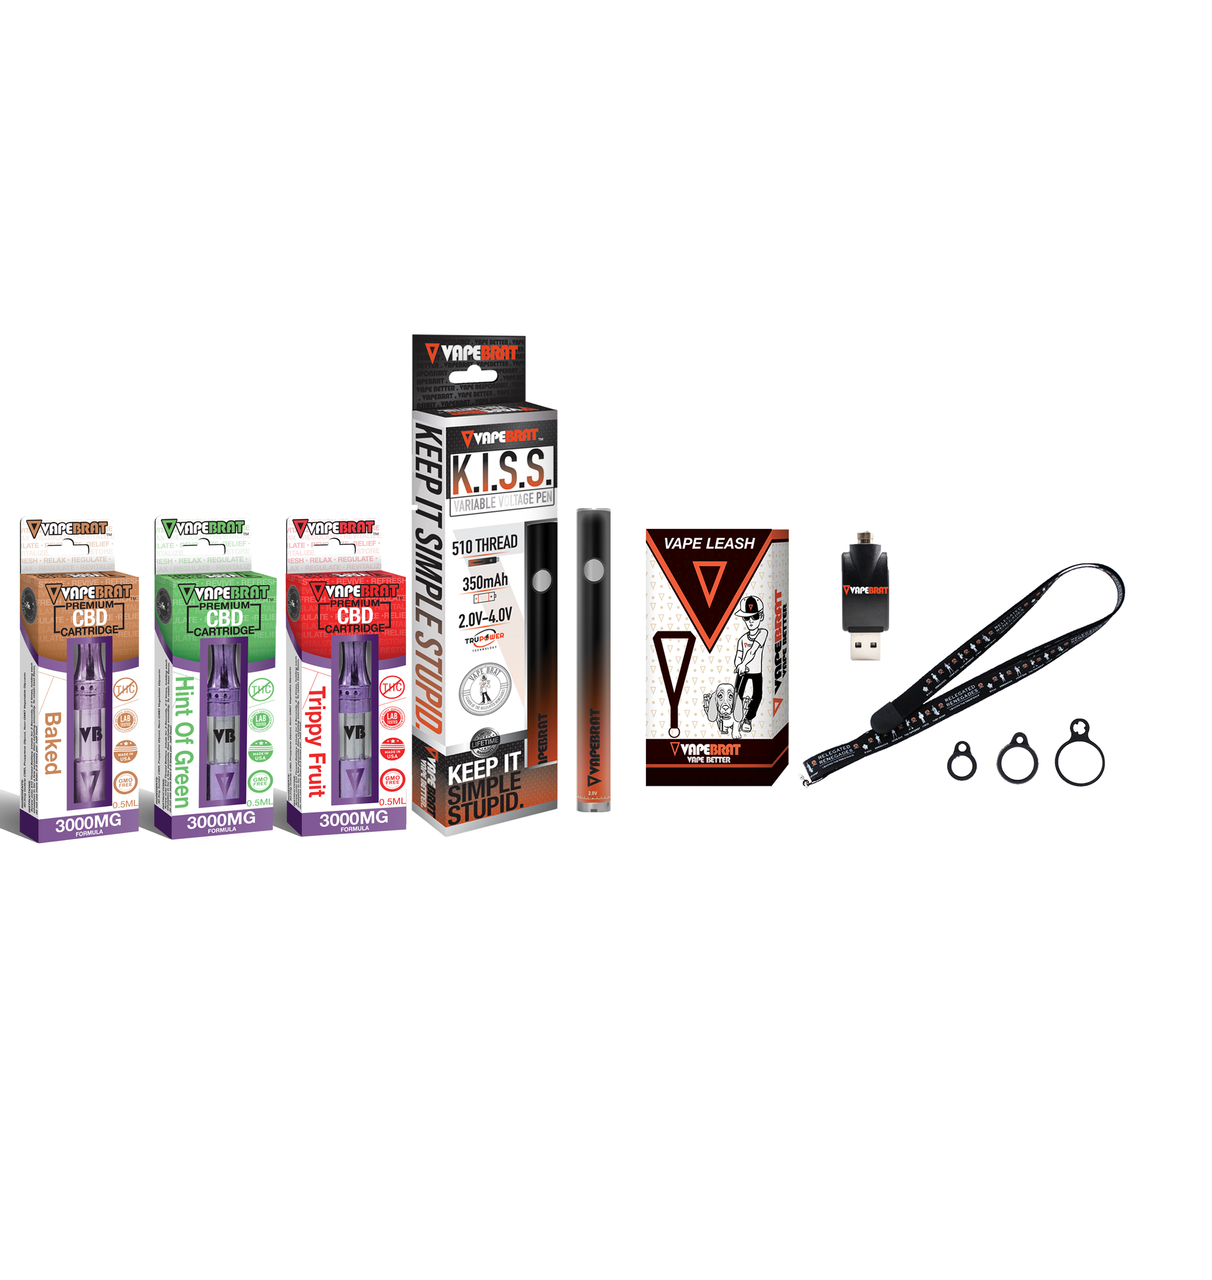 Vapebrat K.I.S.S Pen With 3x 3000MG Variety CBD Cartridges, Charger, & Vape Leash